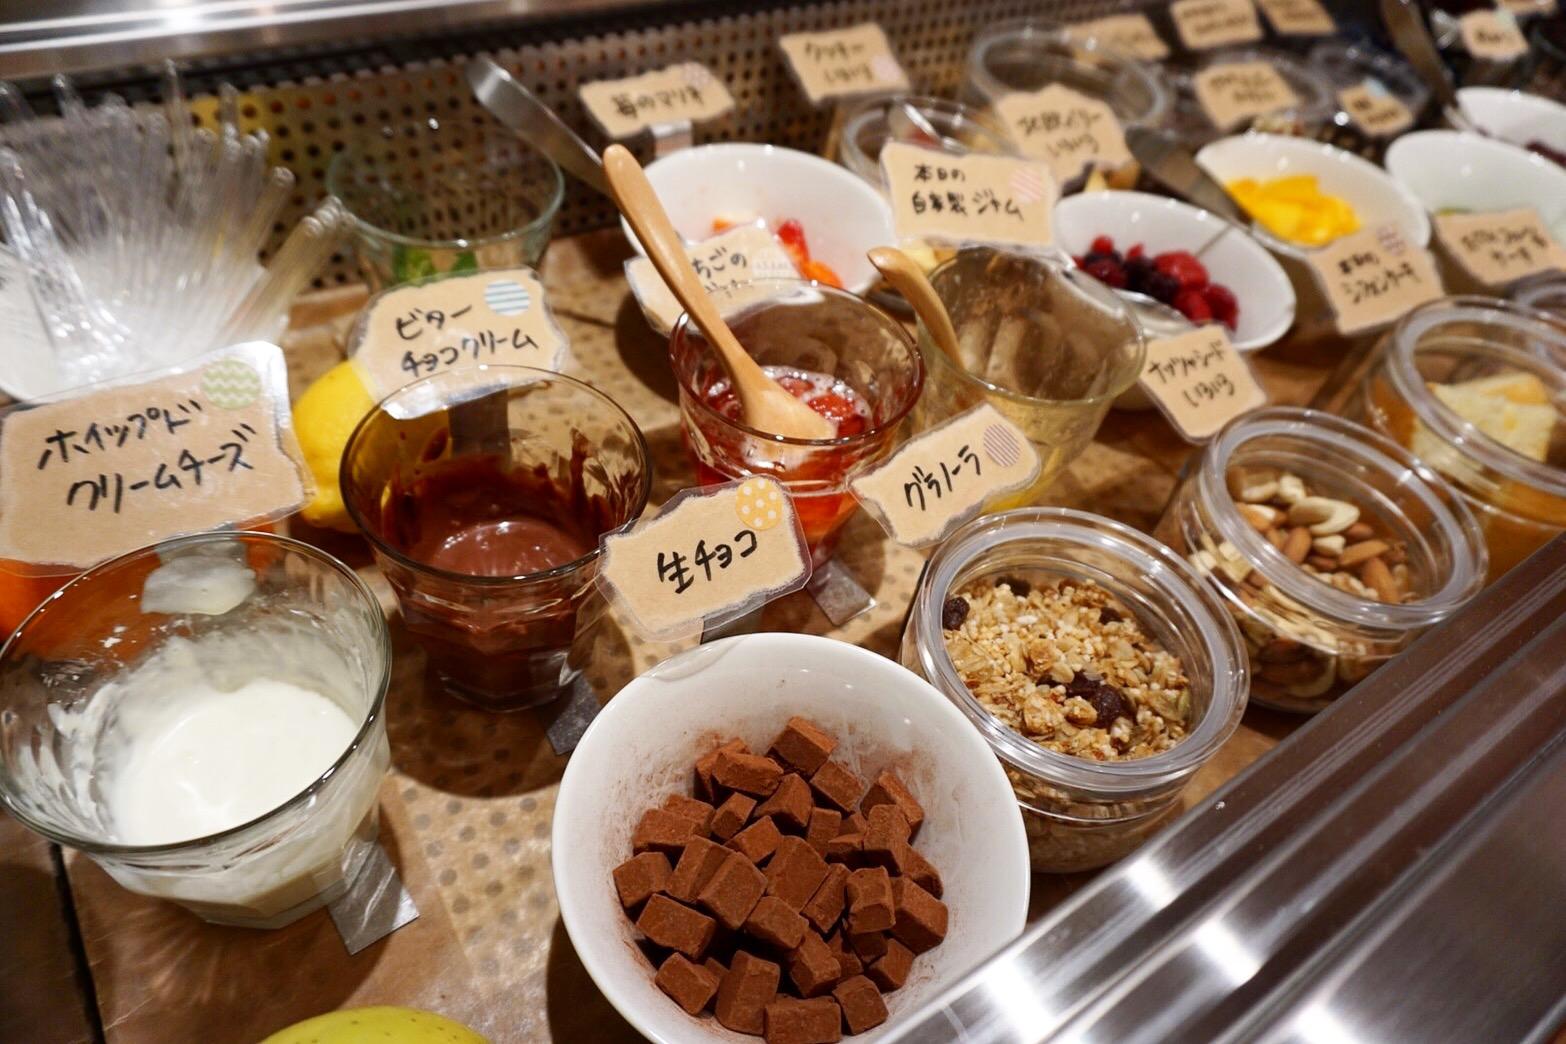 合言葉は「ヤーテロ!」。大須の新店『アニーのアイスクリーム屋さん』に行ってきた - IMG 2902